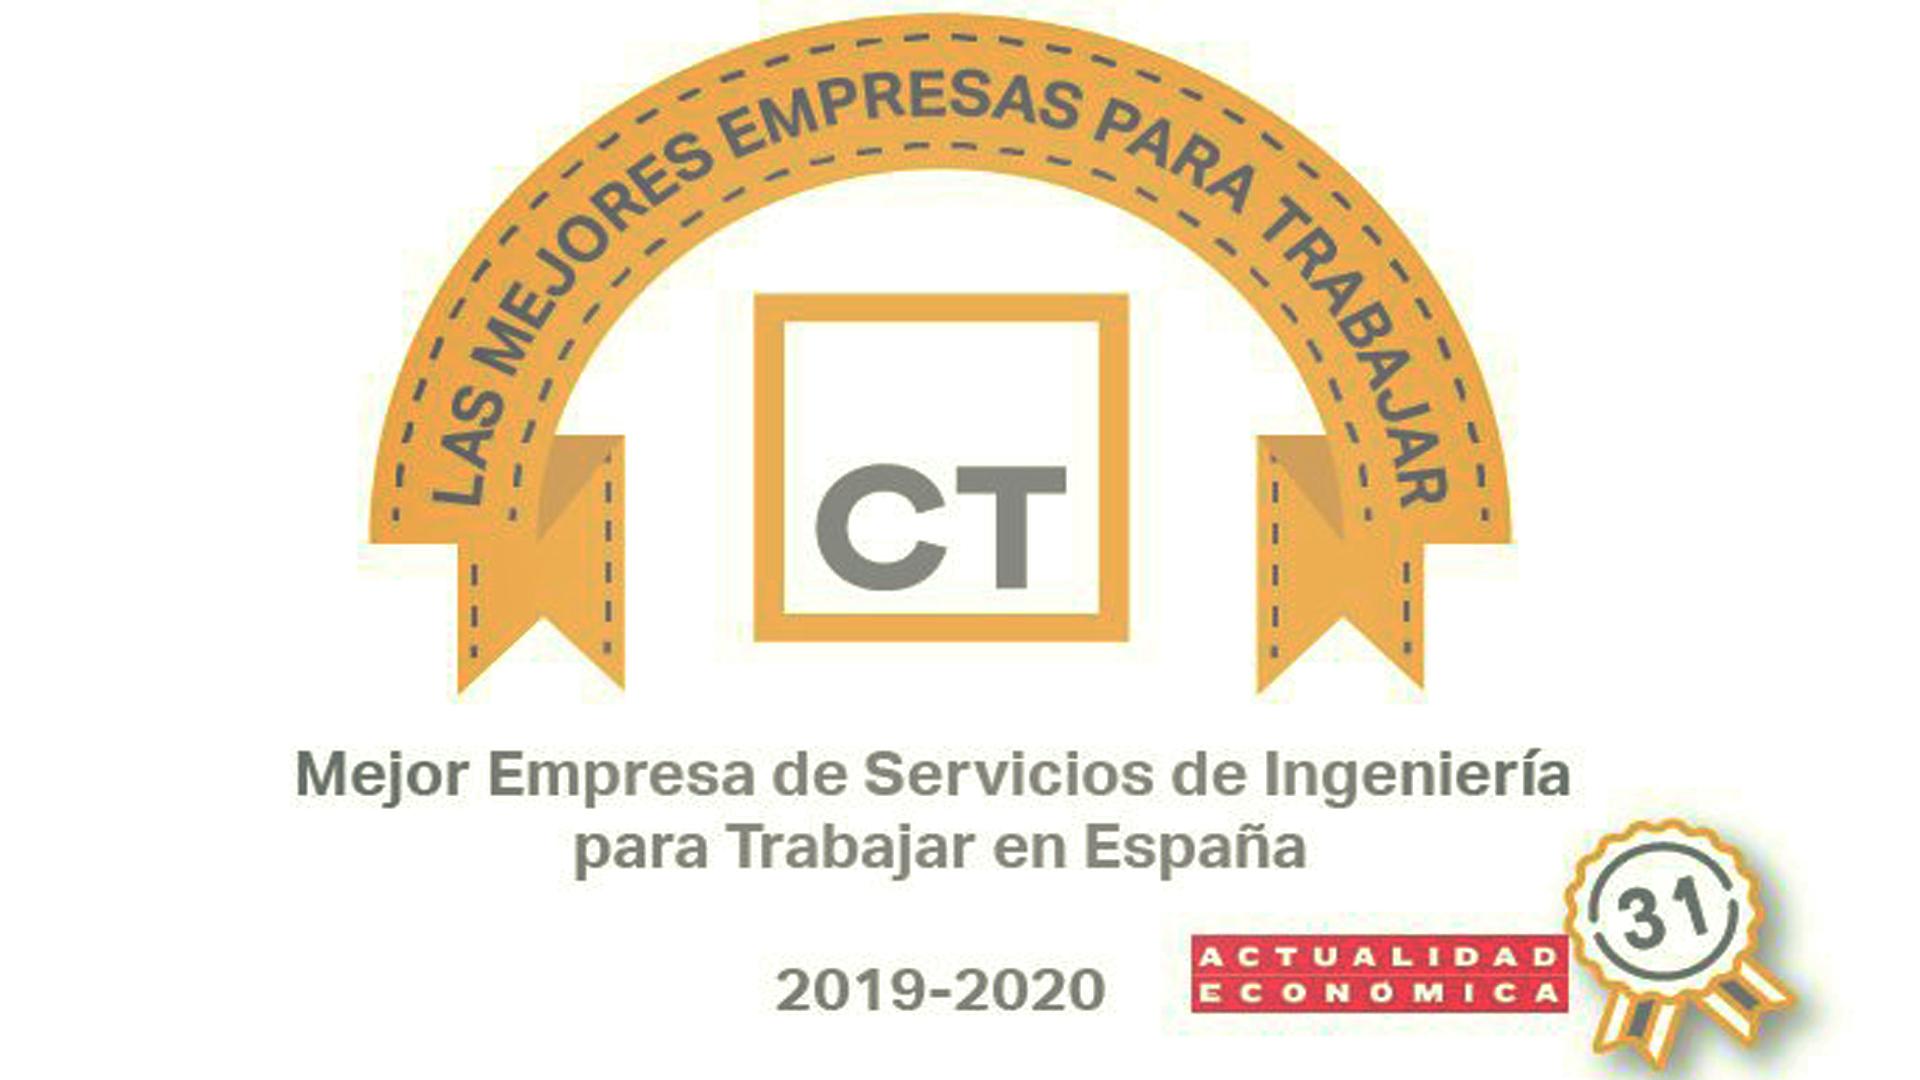 CT Engineering entre las Mejores Empresas para Trabajar en España